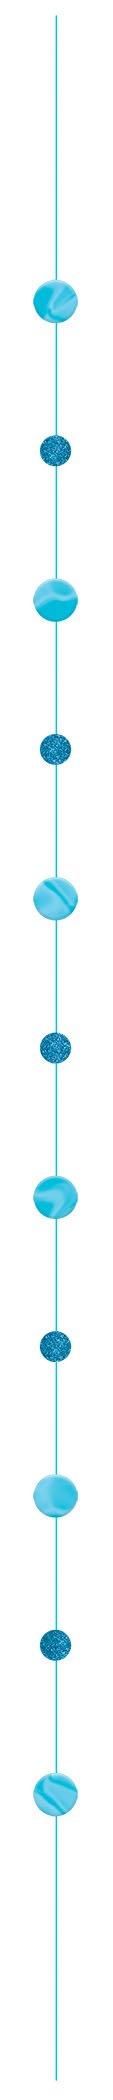 Balloon Fun Strings Caribbean Blue